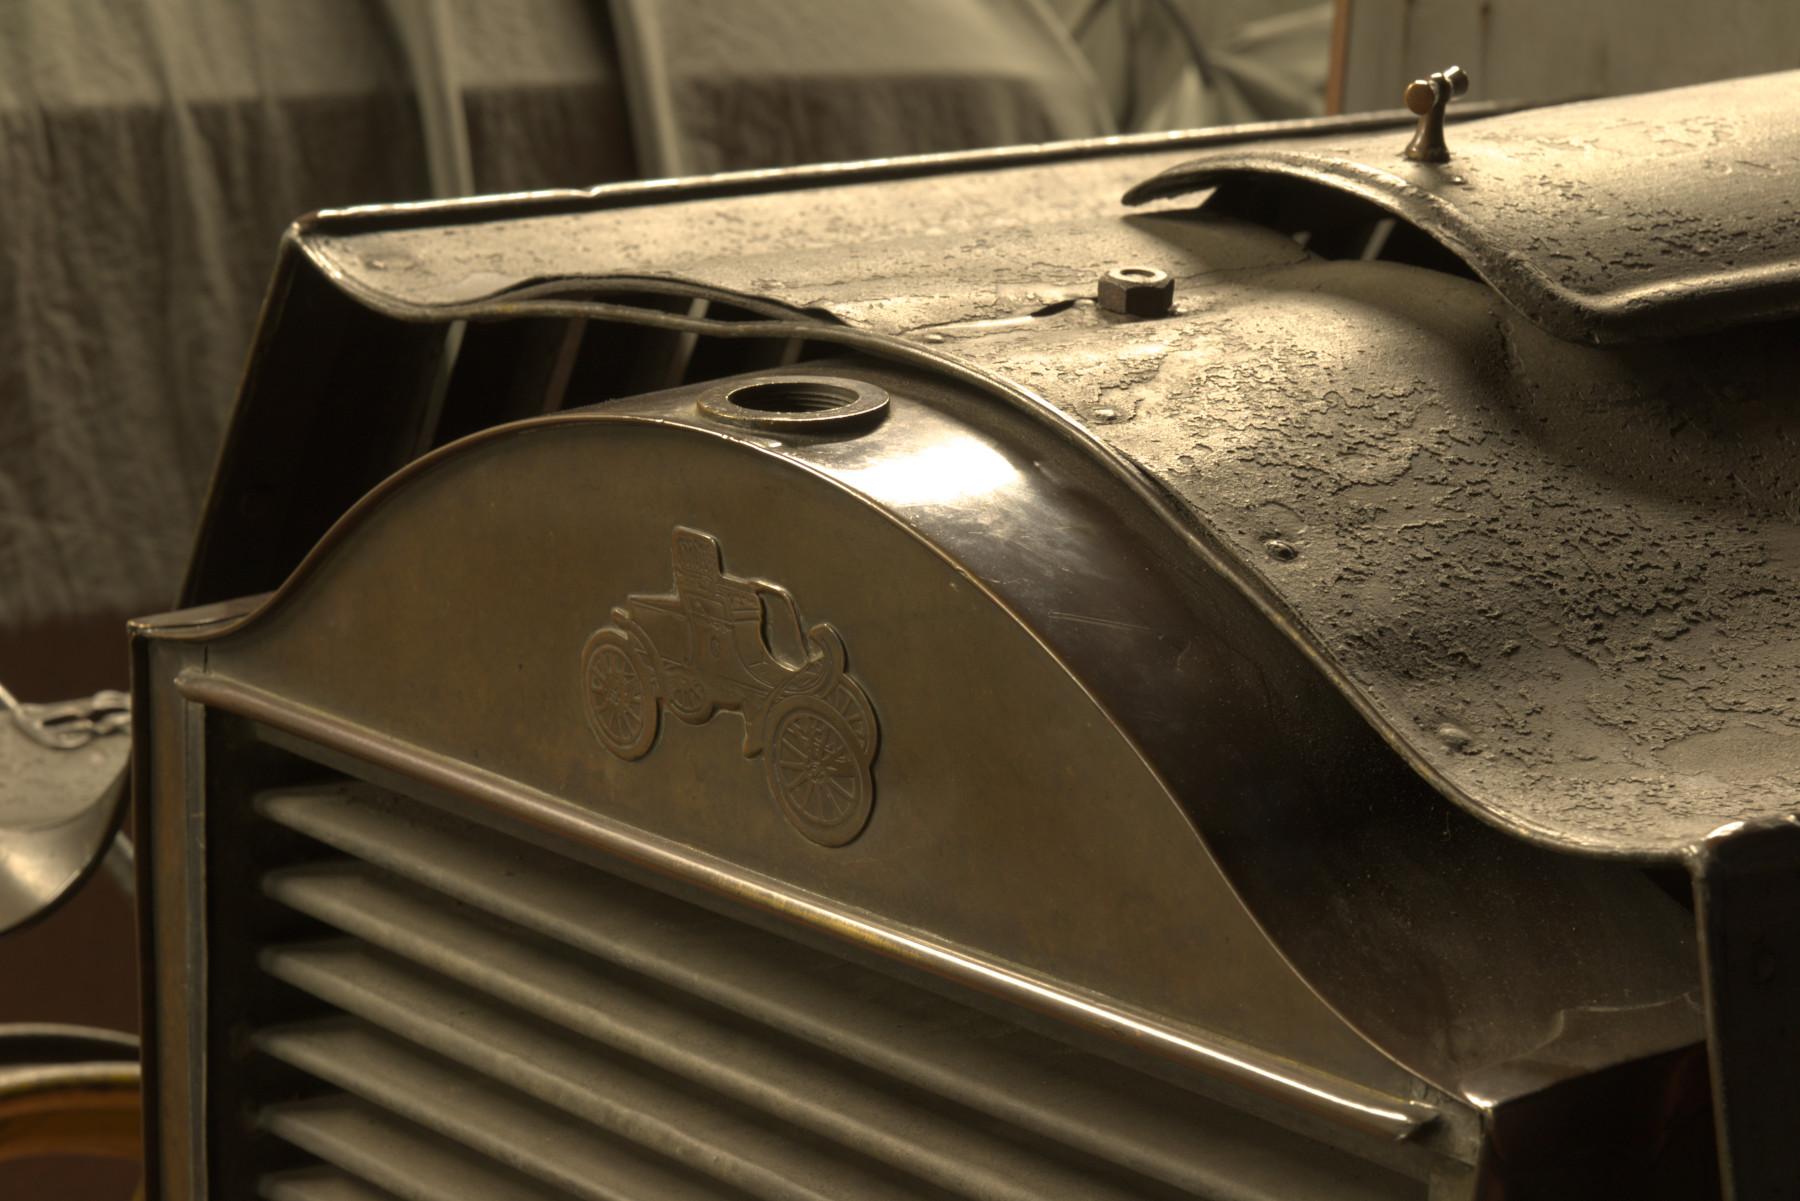 Oldsmobile Touring Runabout: auto, jossa on konepelti kauneussyistä